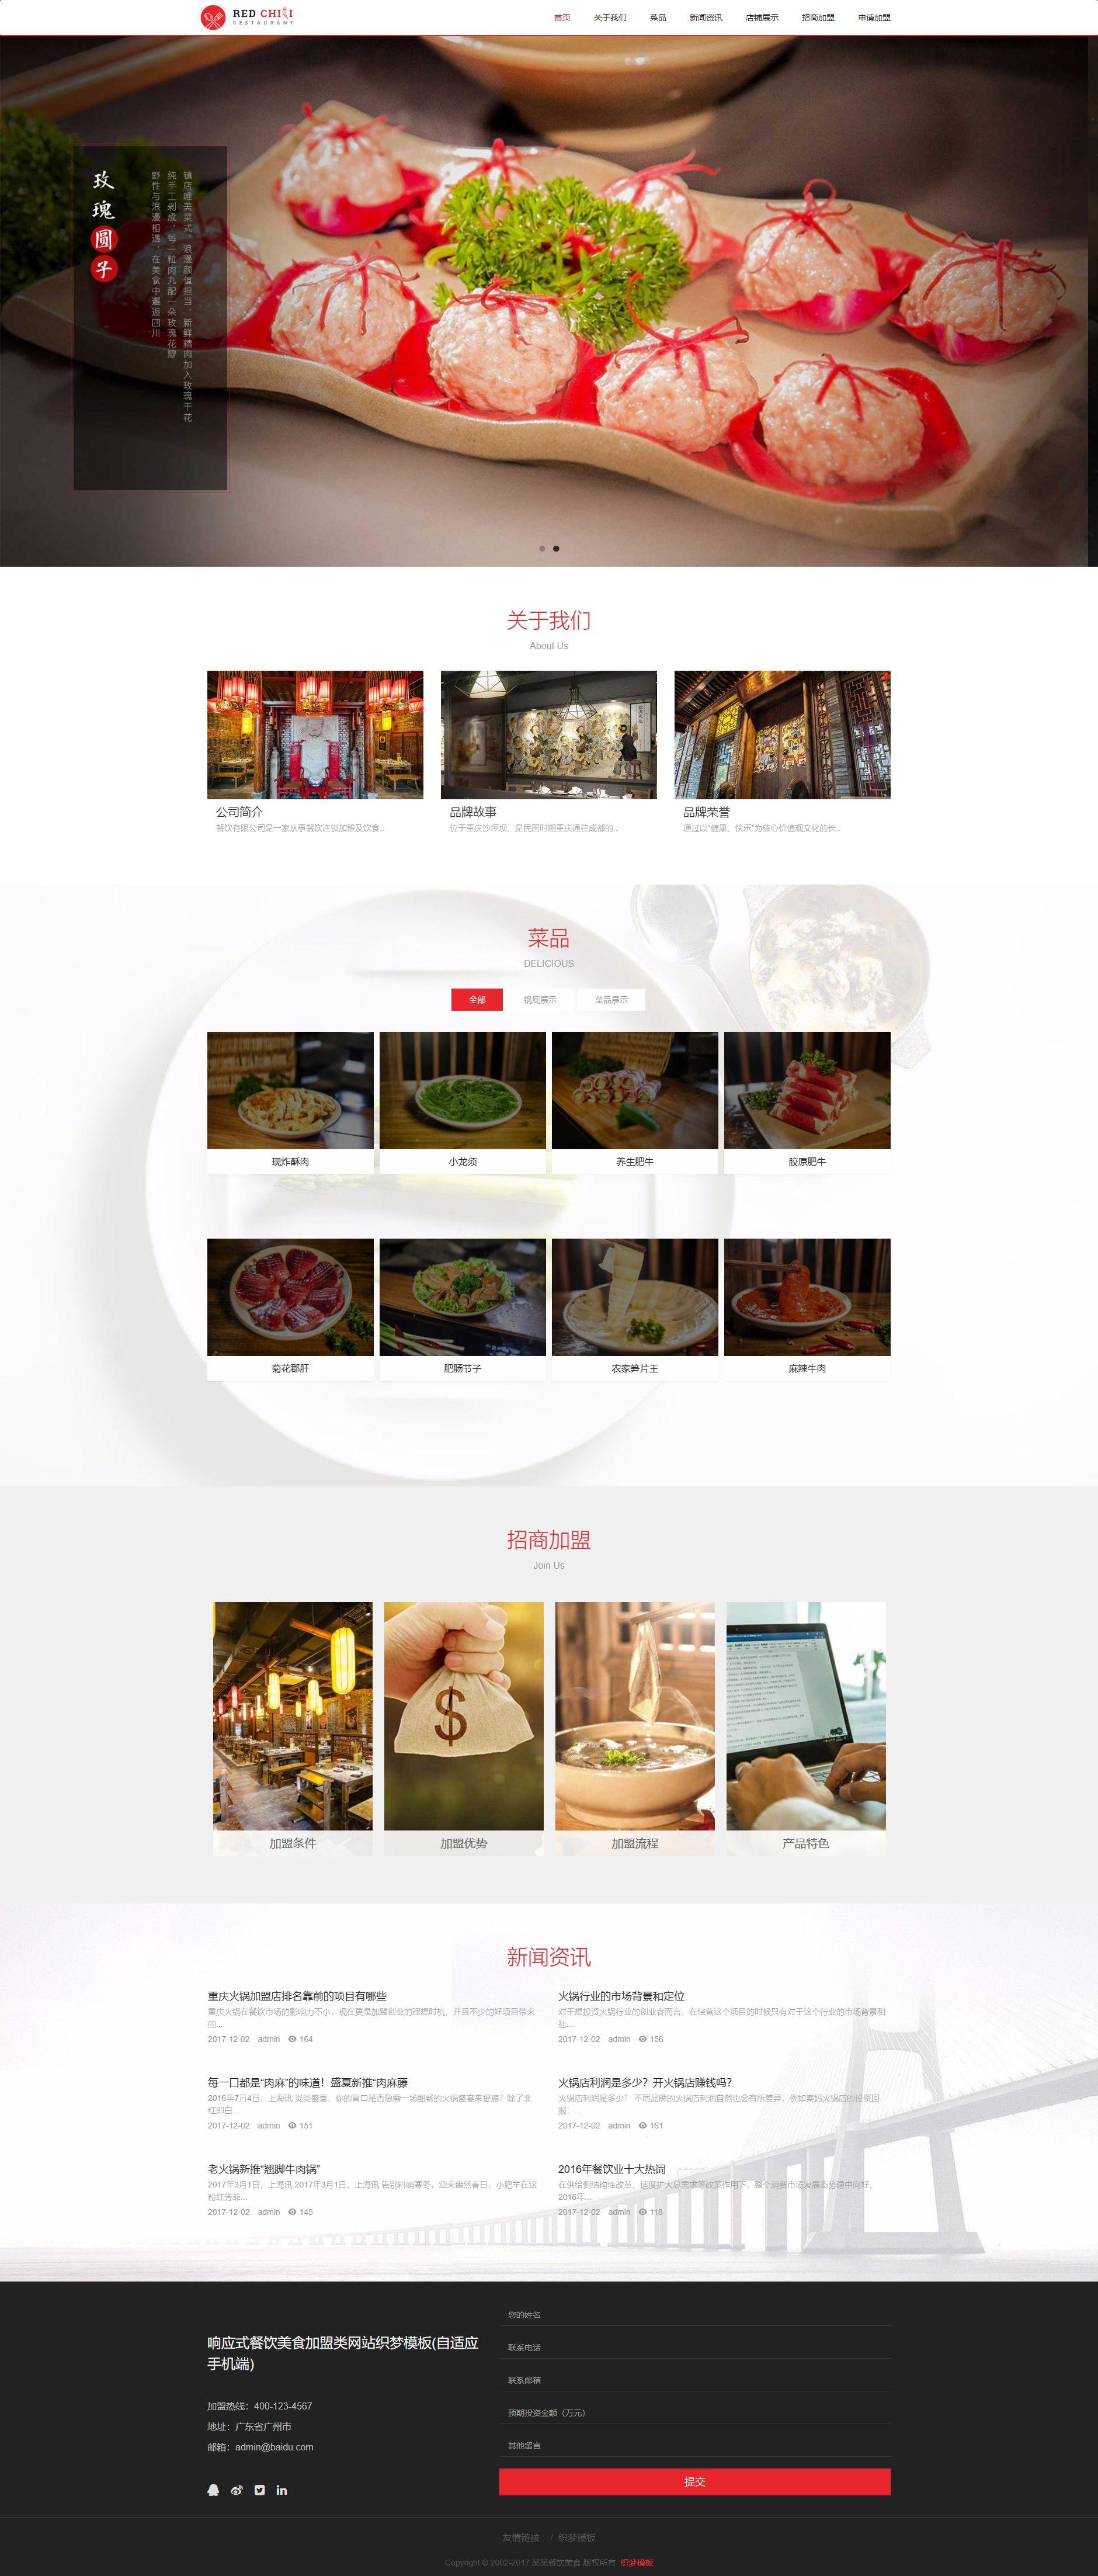 响应式餐饮美食加盟类网站织梦dedecms模板(自适应手机端)